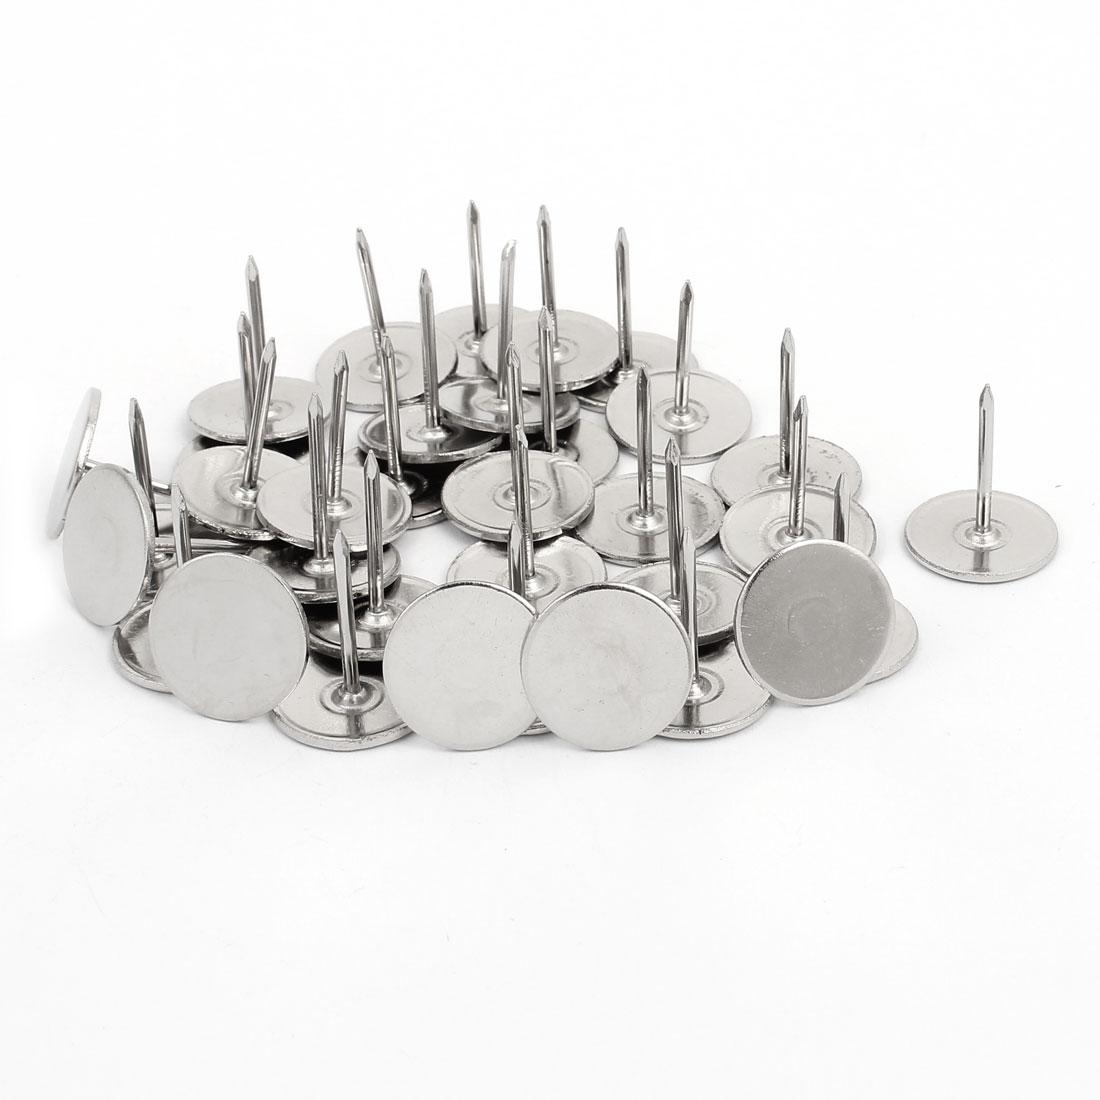 19mm Dia Round Top Drawing Pin Upholstery Nail Tack Pushpin Silver Tone 35PCS